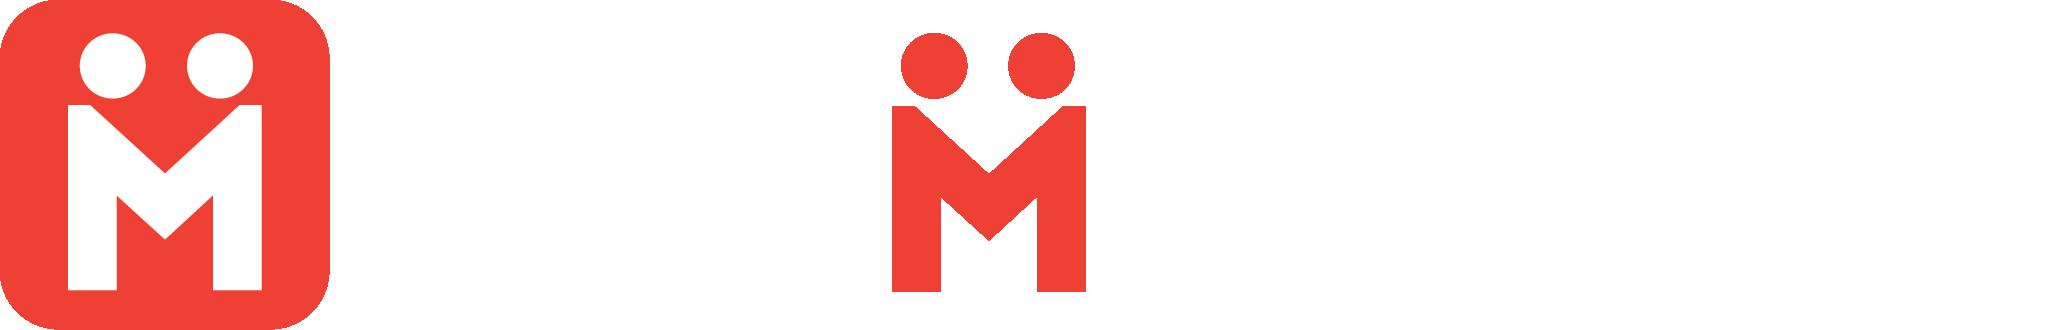 logo_white_symbol.png